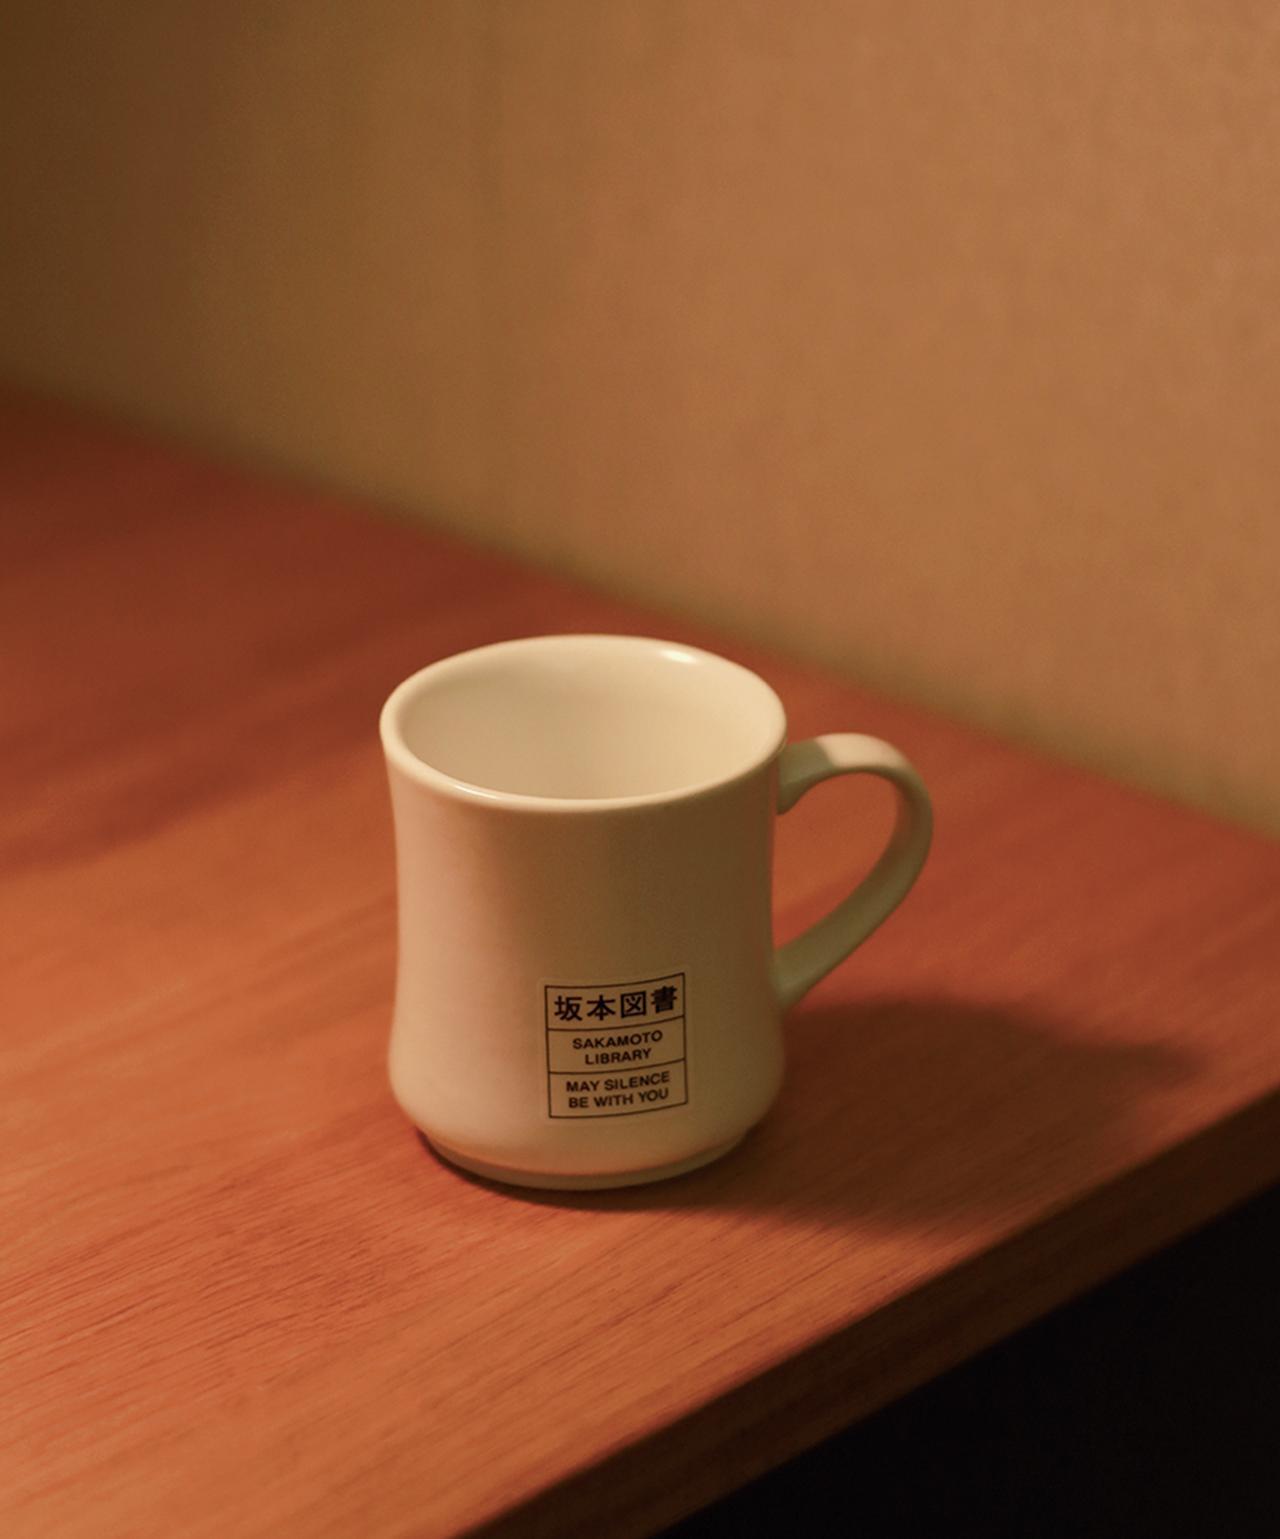 Images : 6番目の画像 - 「坂本龍一、本の可能性を語る。 「本はパフォーマンスかもしれない」」のアルバム - T JAPAN:The New York Times Style Magazine 公式サイト